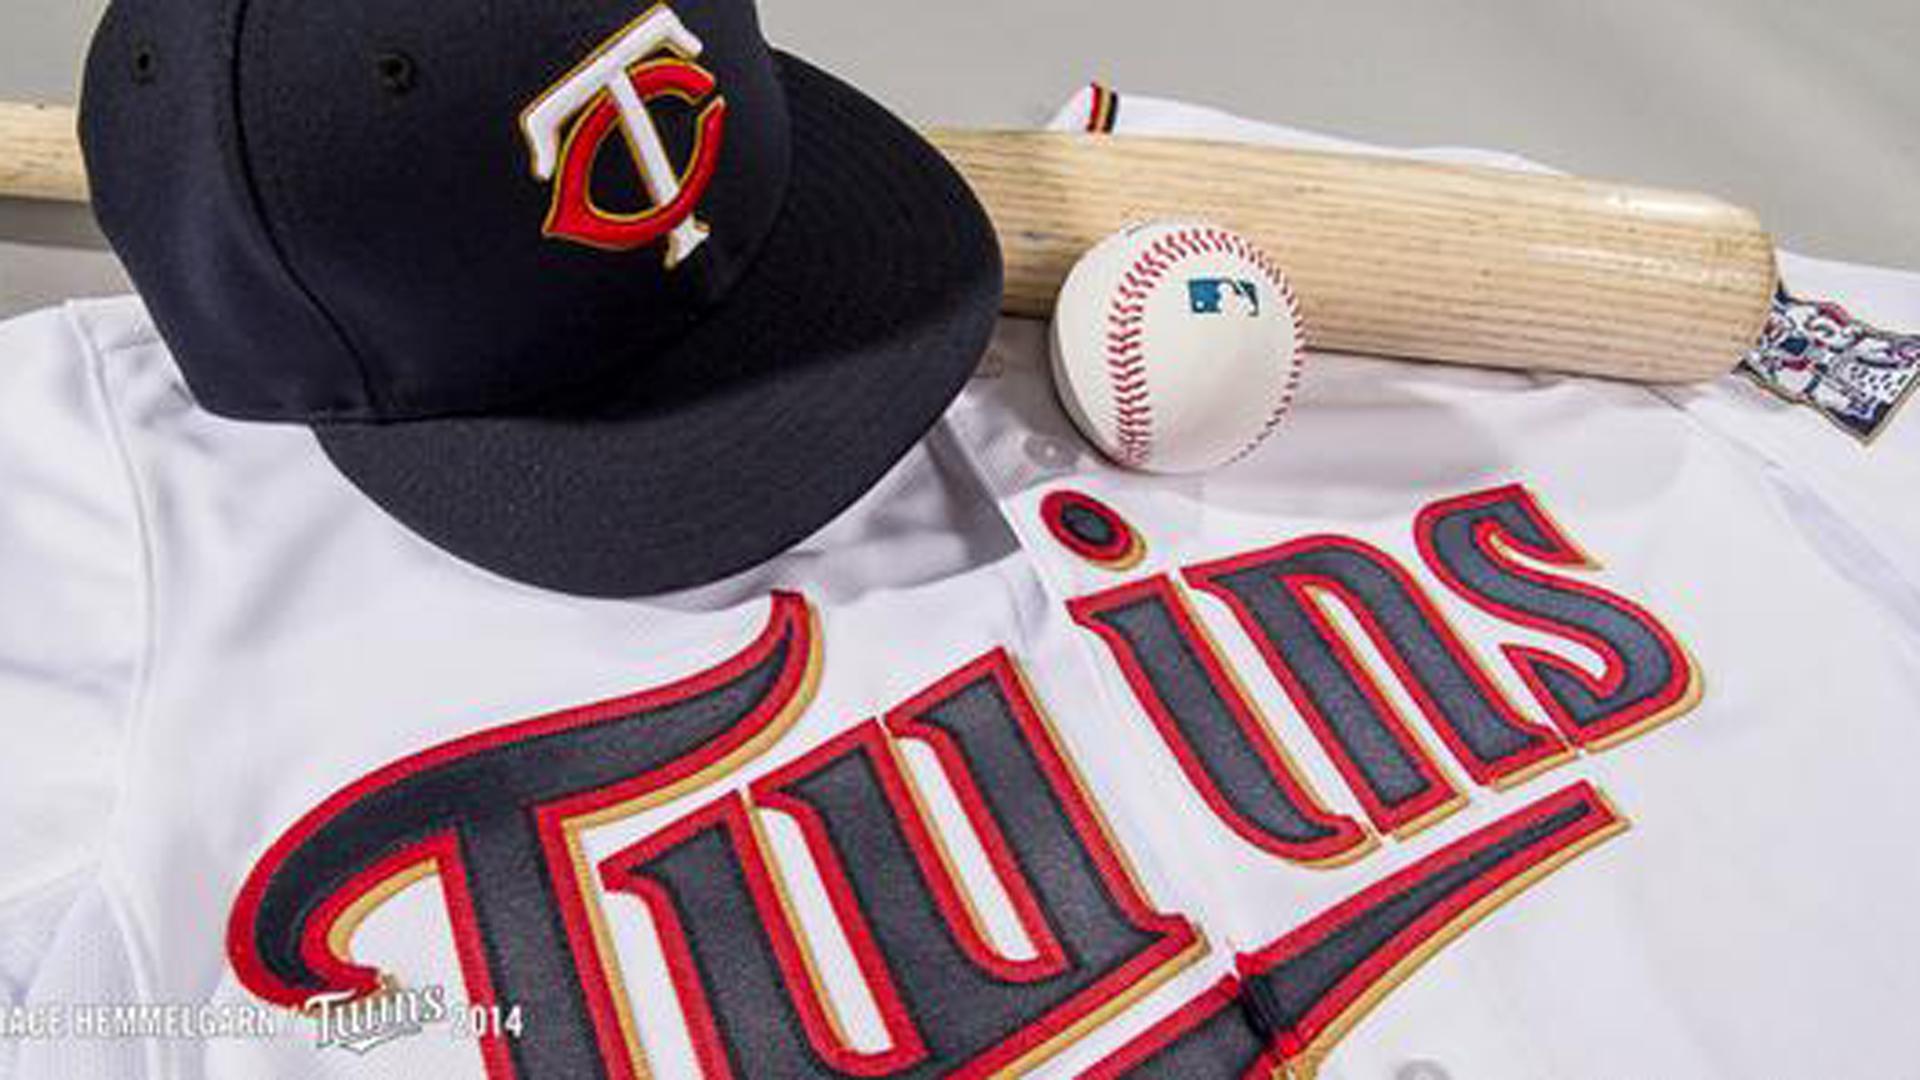 twins-uniforms-111014-twitter-ftr